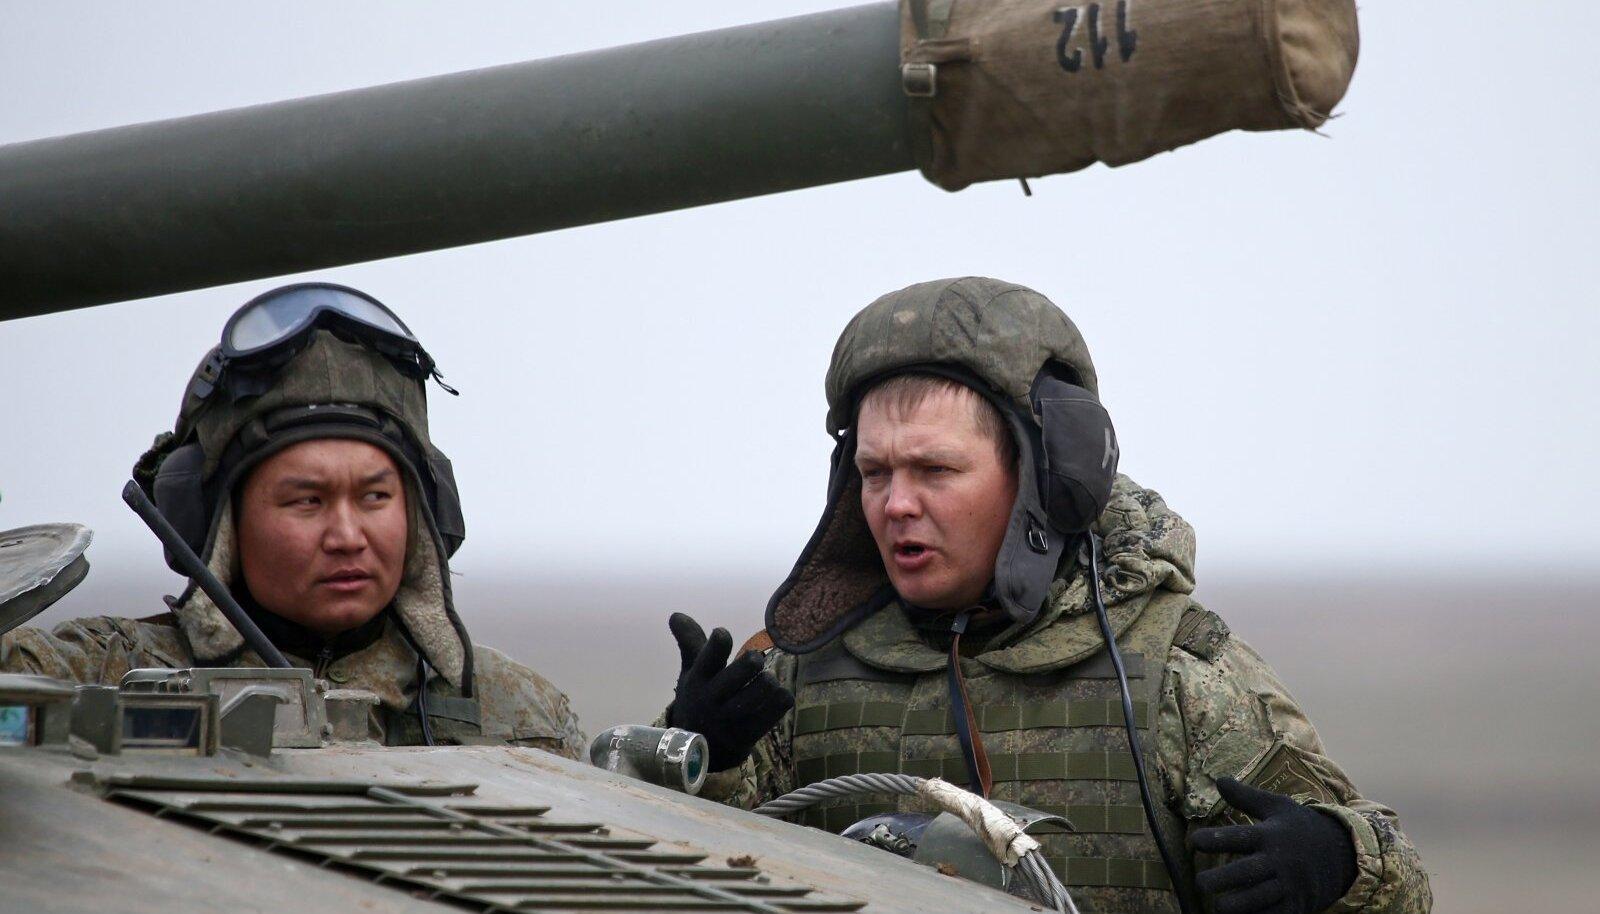 Vene sõdurid märtsi keskpaigas Krimmis toimunud korralistel õppustel